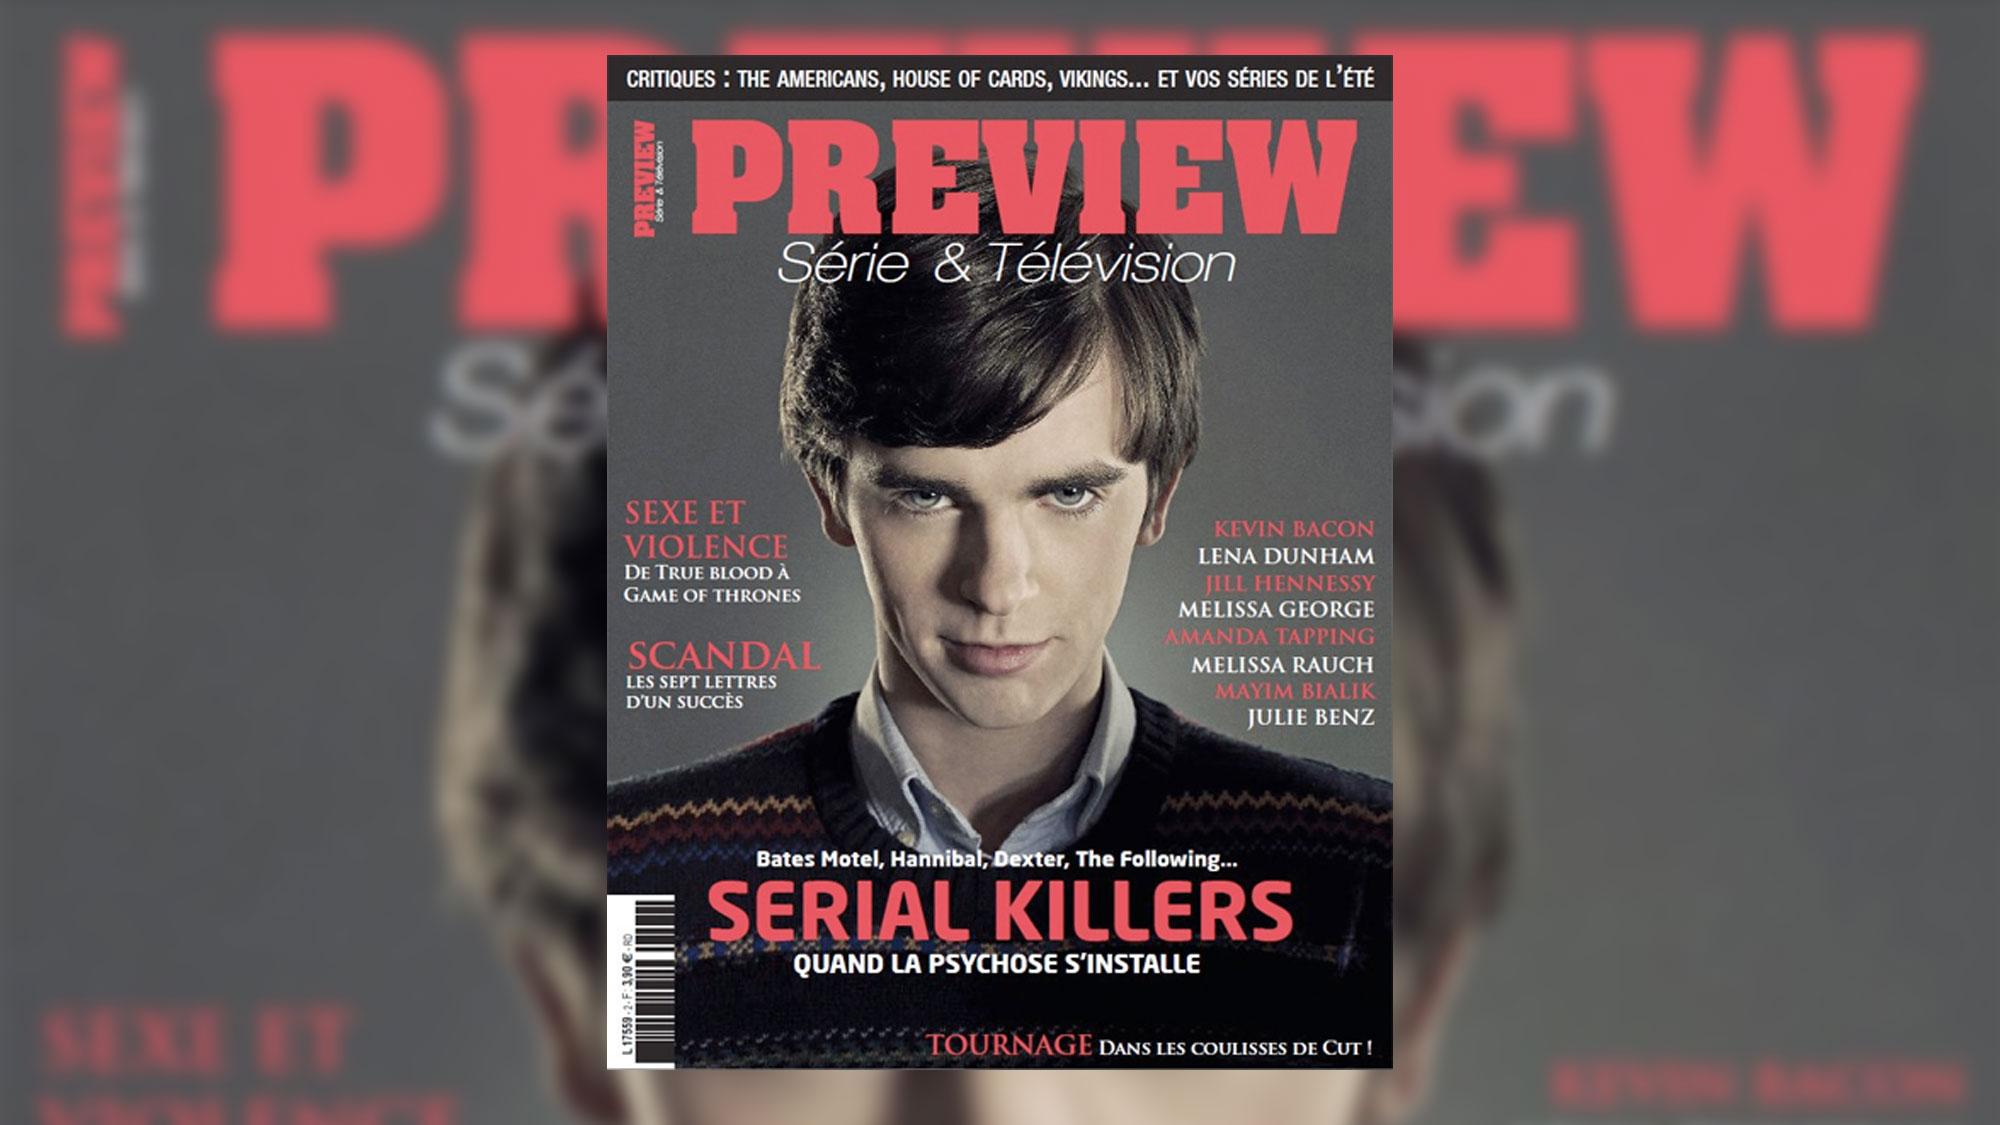 Le magazine Preview revient sur le phénomène <em>Malcolm</em>